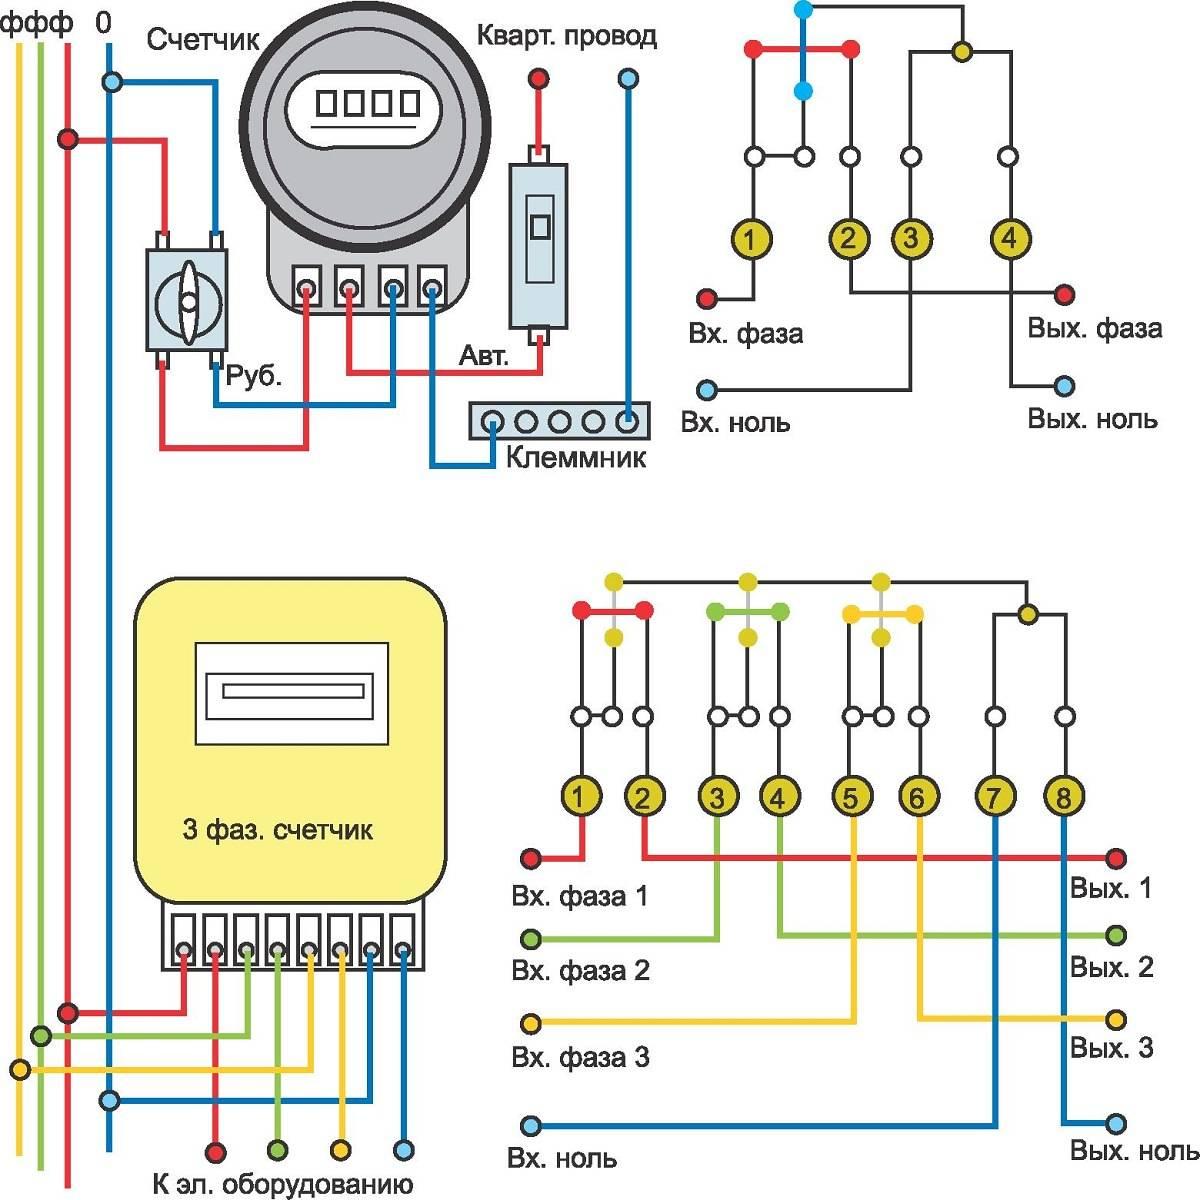 Схема подключения трехфазного счетчика к сети 220 и 380 вольт